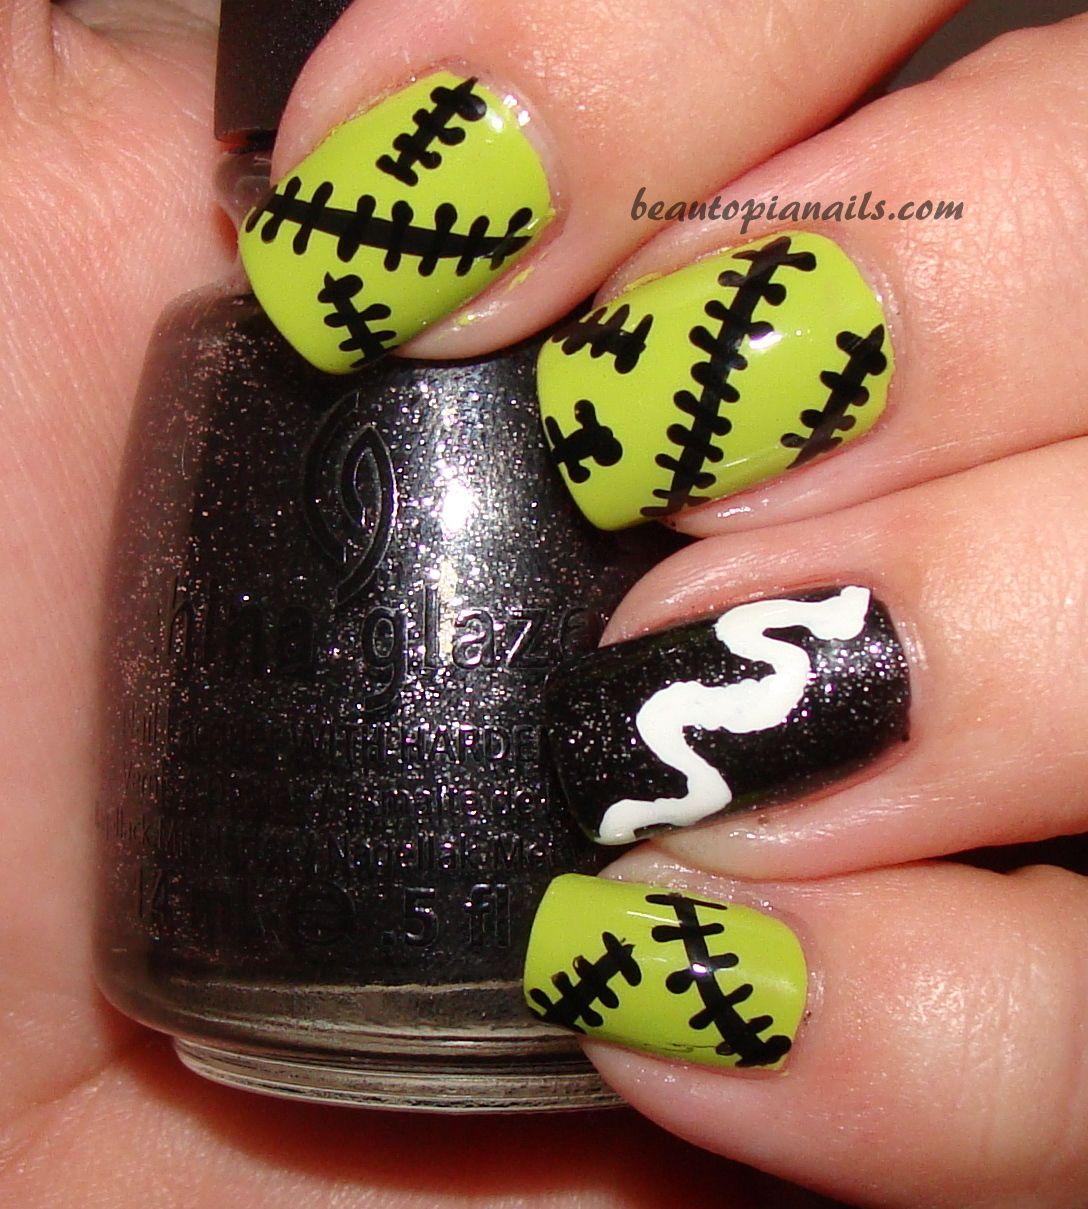 frankenstein nails - Google Search - Frankenstein Nails - Google Search Nails Nails Nails Pinterest